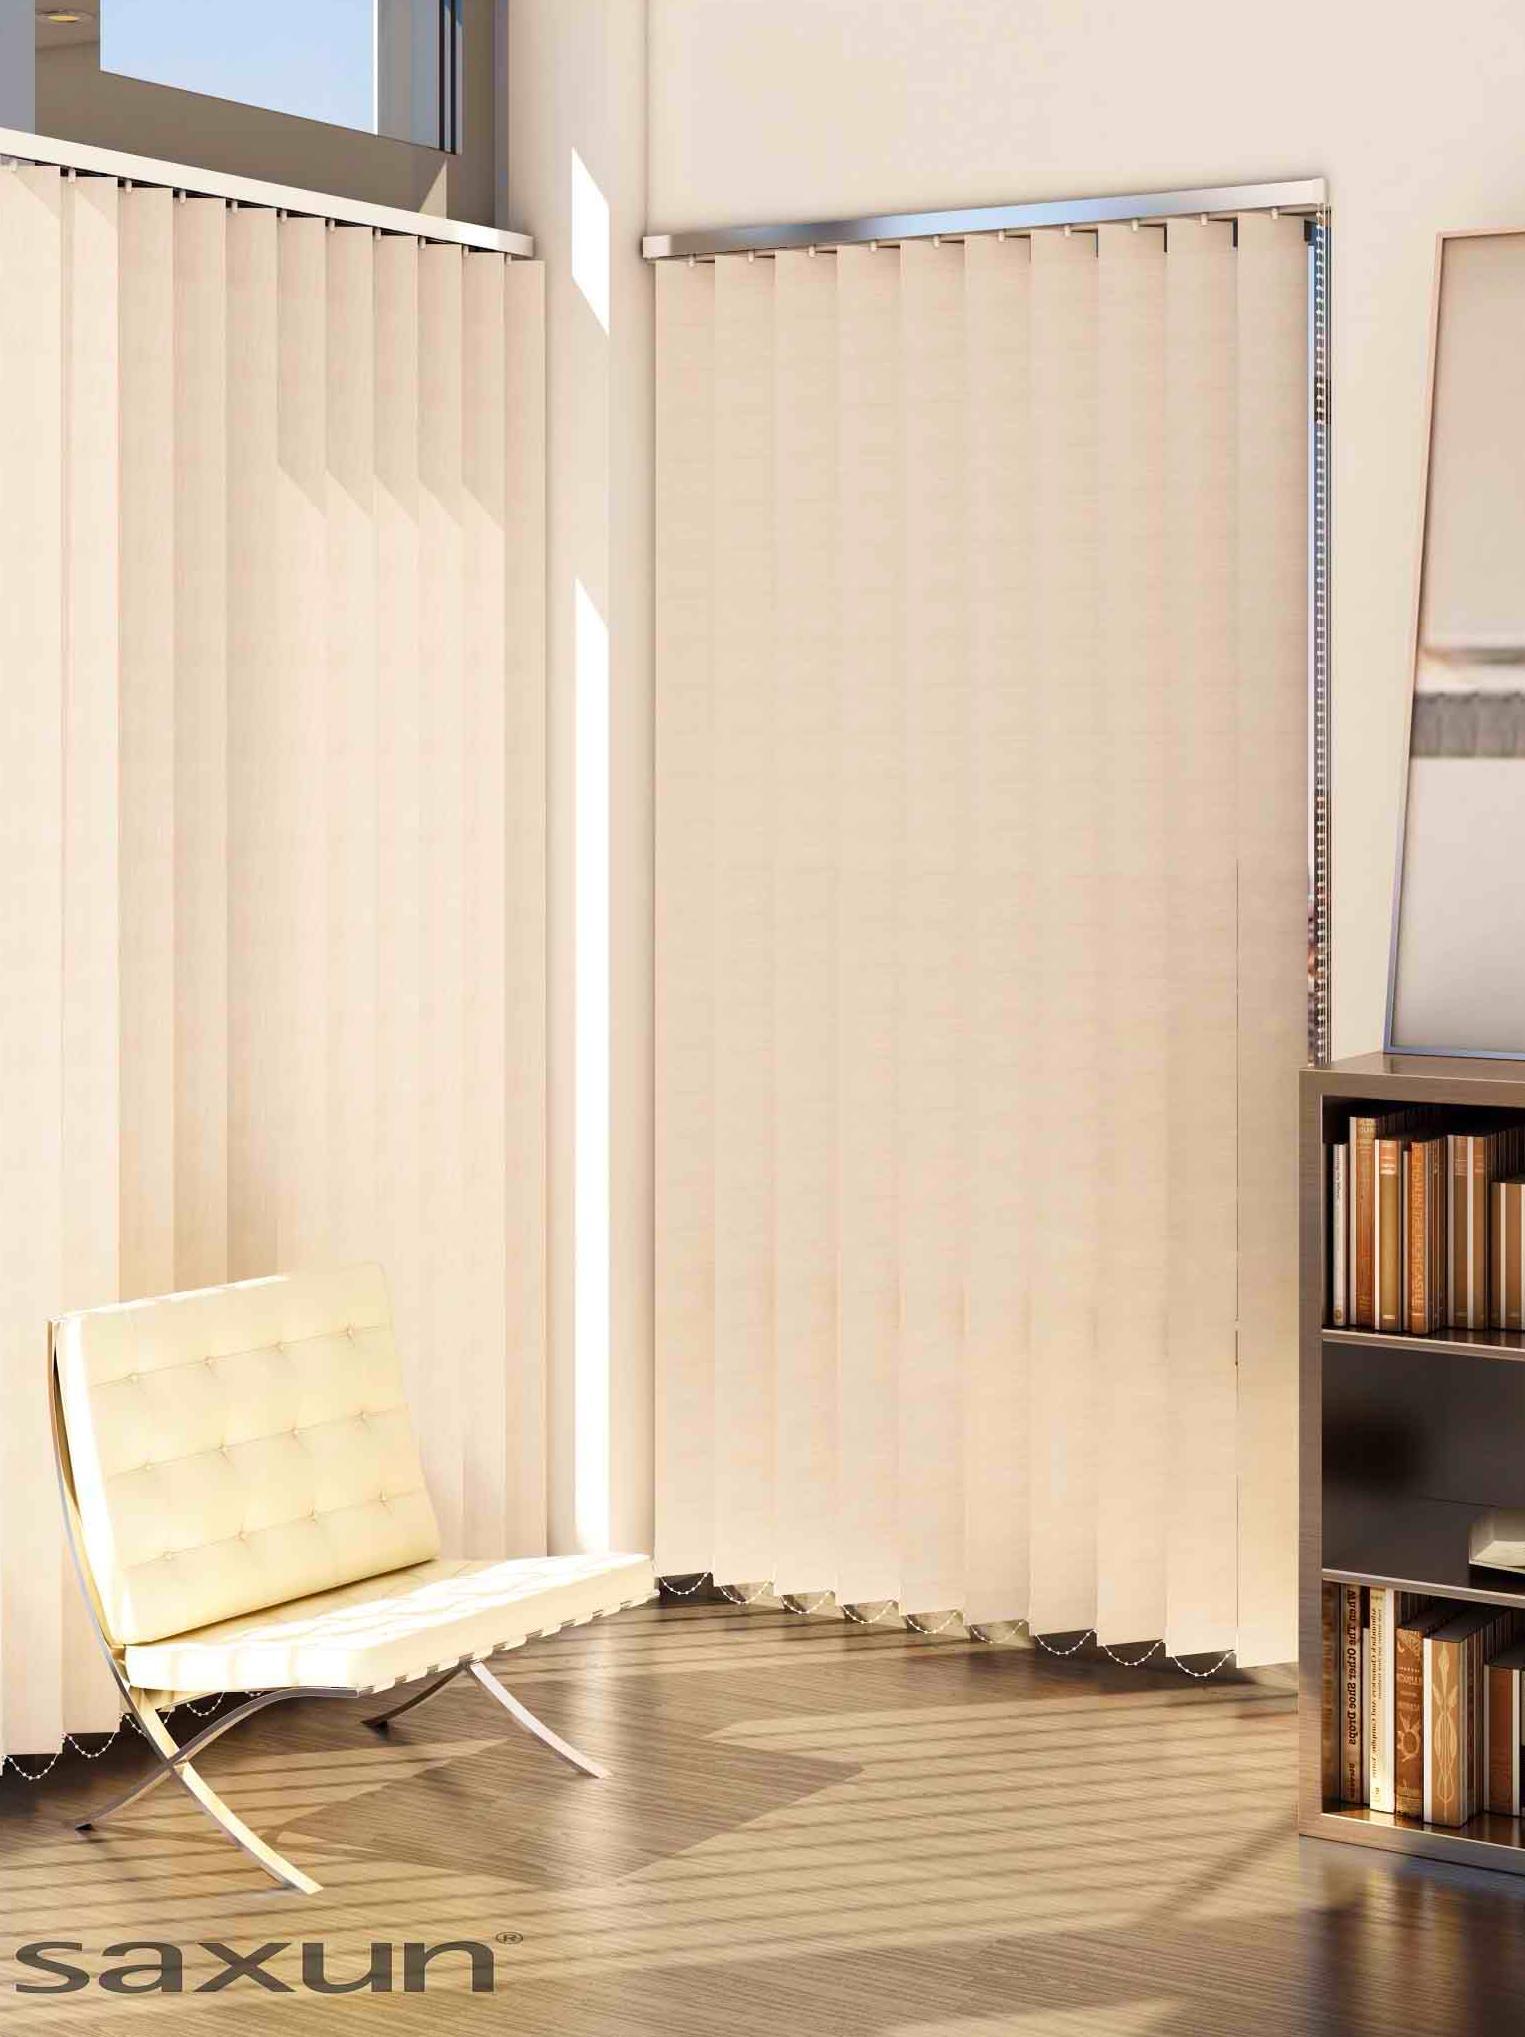 Persianas verticales cat logo de cortinas y estores de decotex siglo xxi - Persianas y estores ...